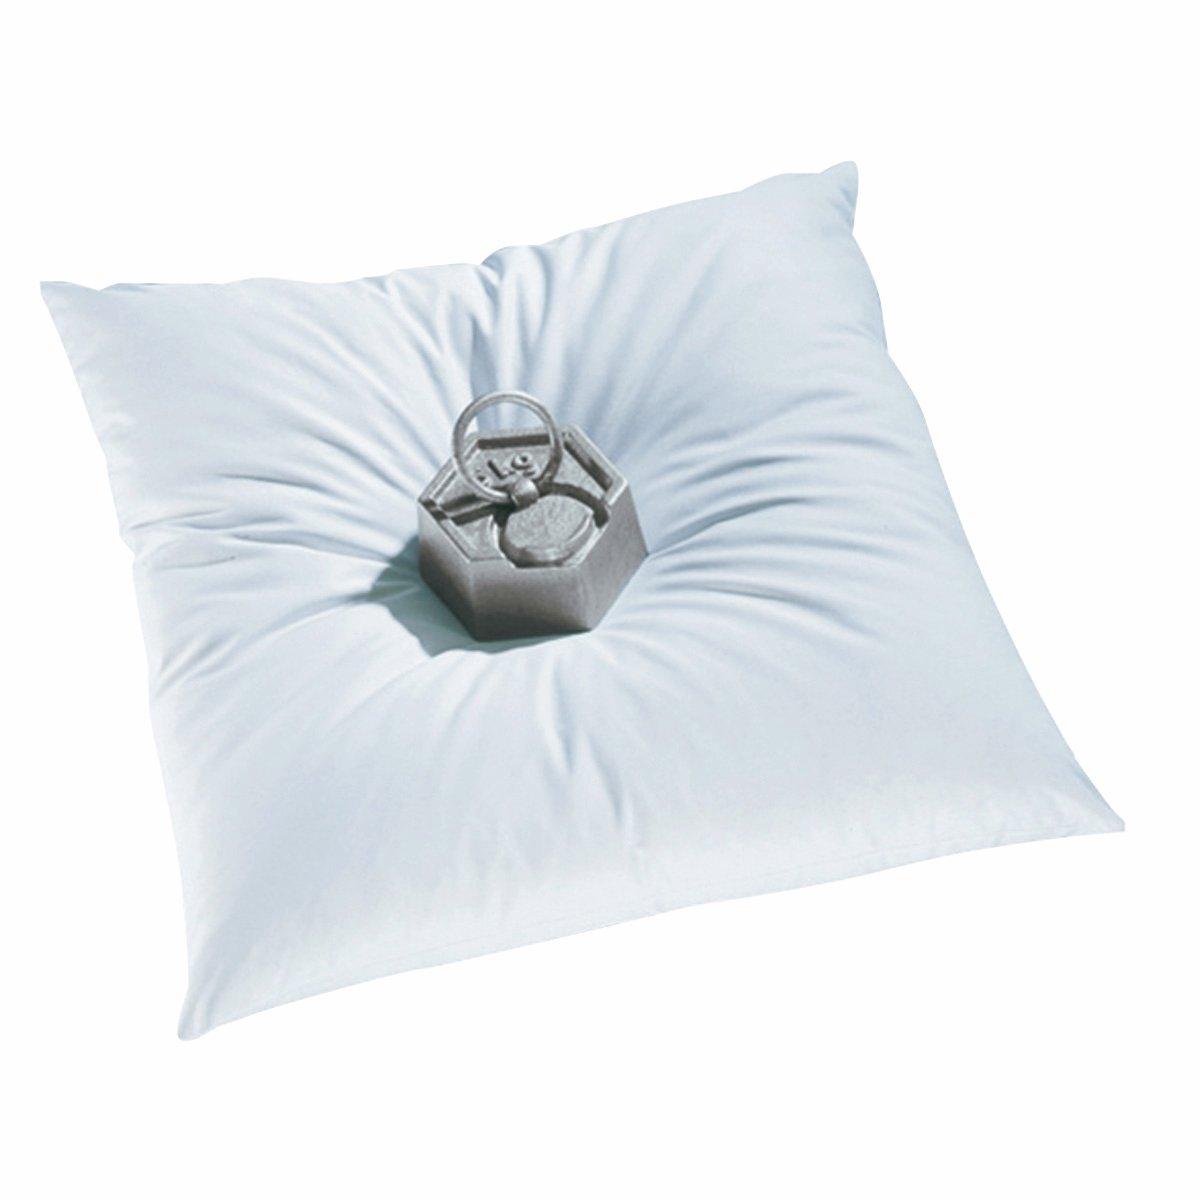 Cuscino chiuso in piumino naturale